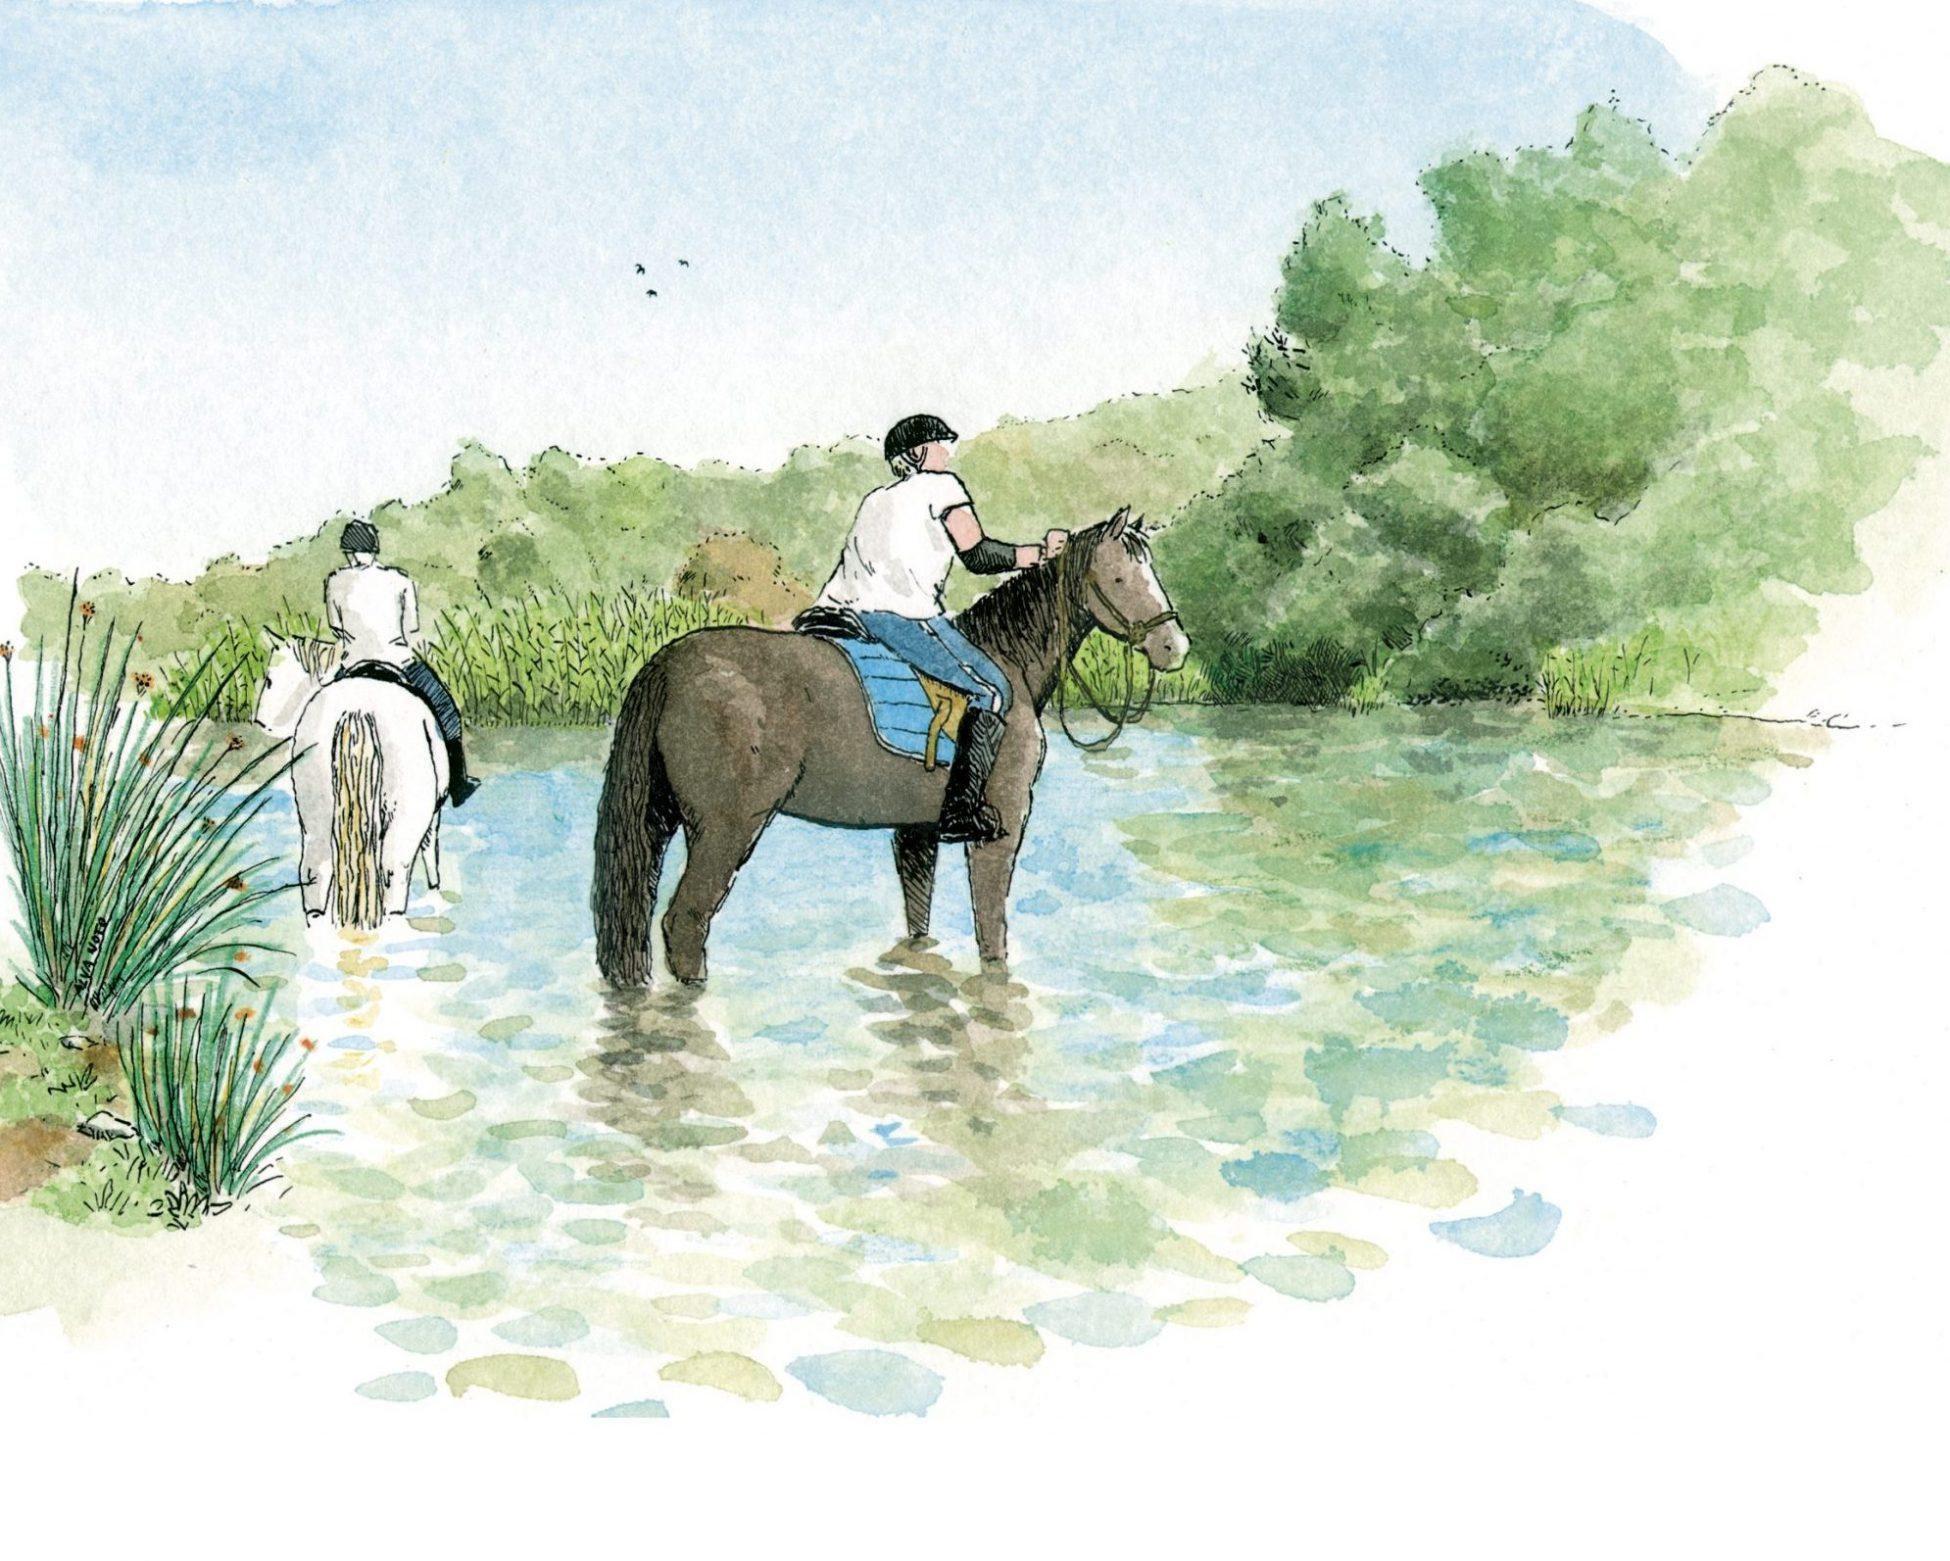 Dibujo de dos caballos en el rio bullent en el parque natural de la marjal pego oliva. Valencia